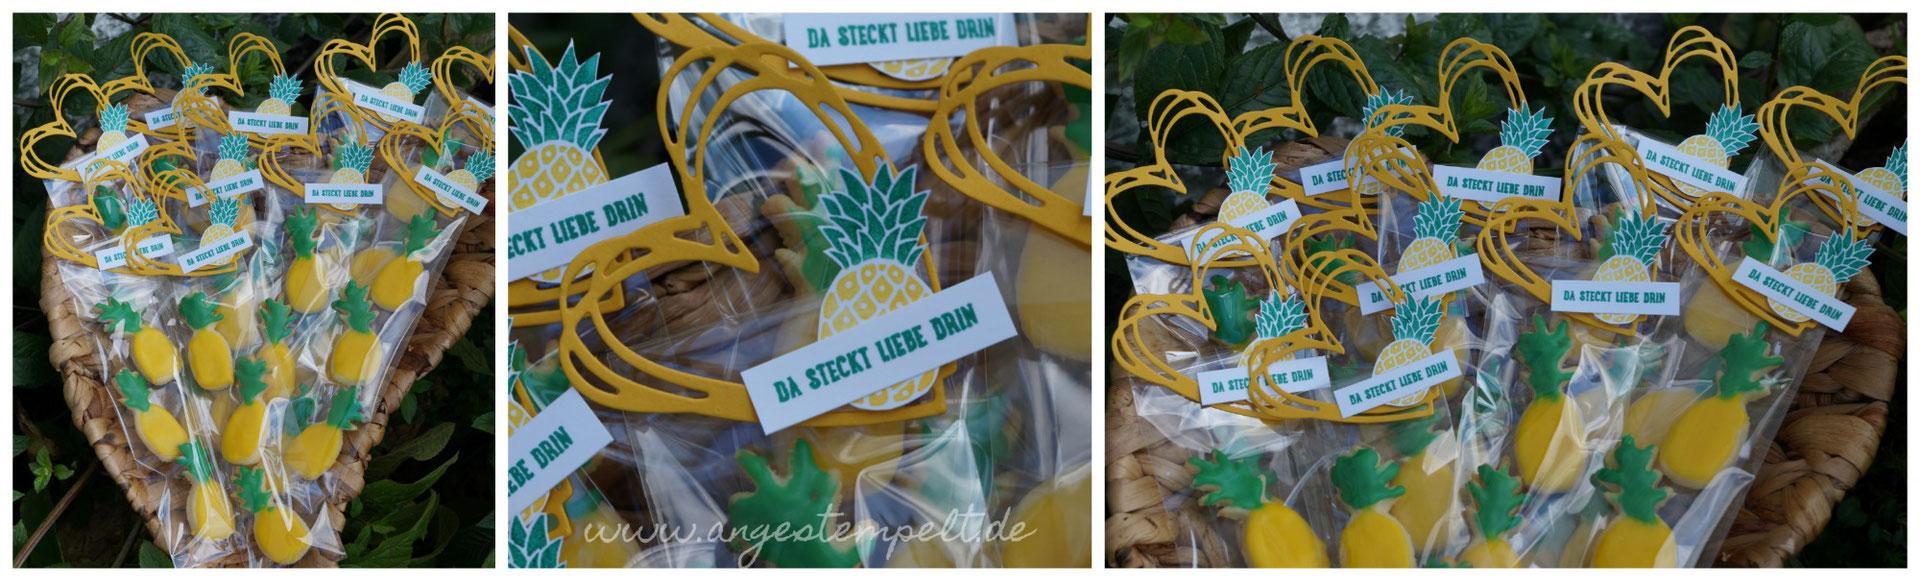 Sommerplätzchen ananasinis angestempelt stempel ideen und zubehör stin up